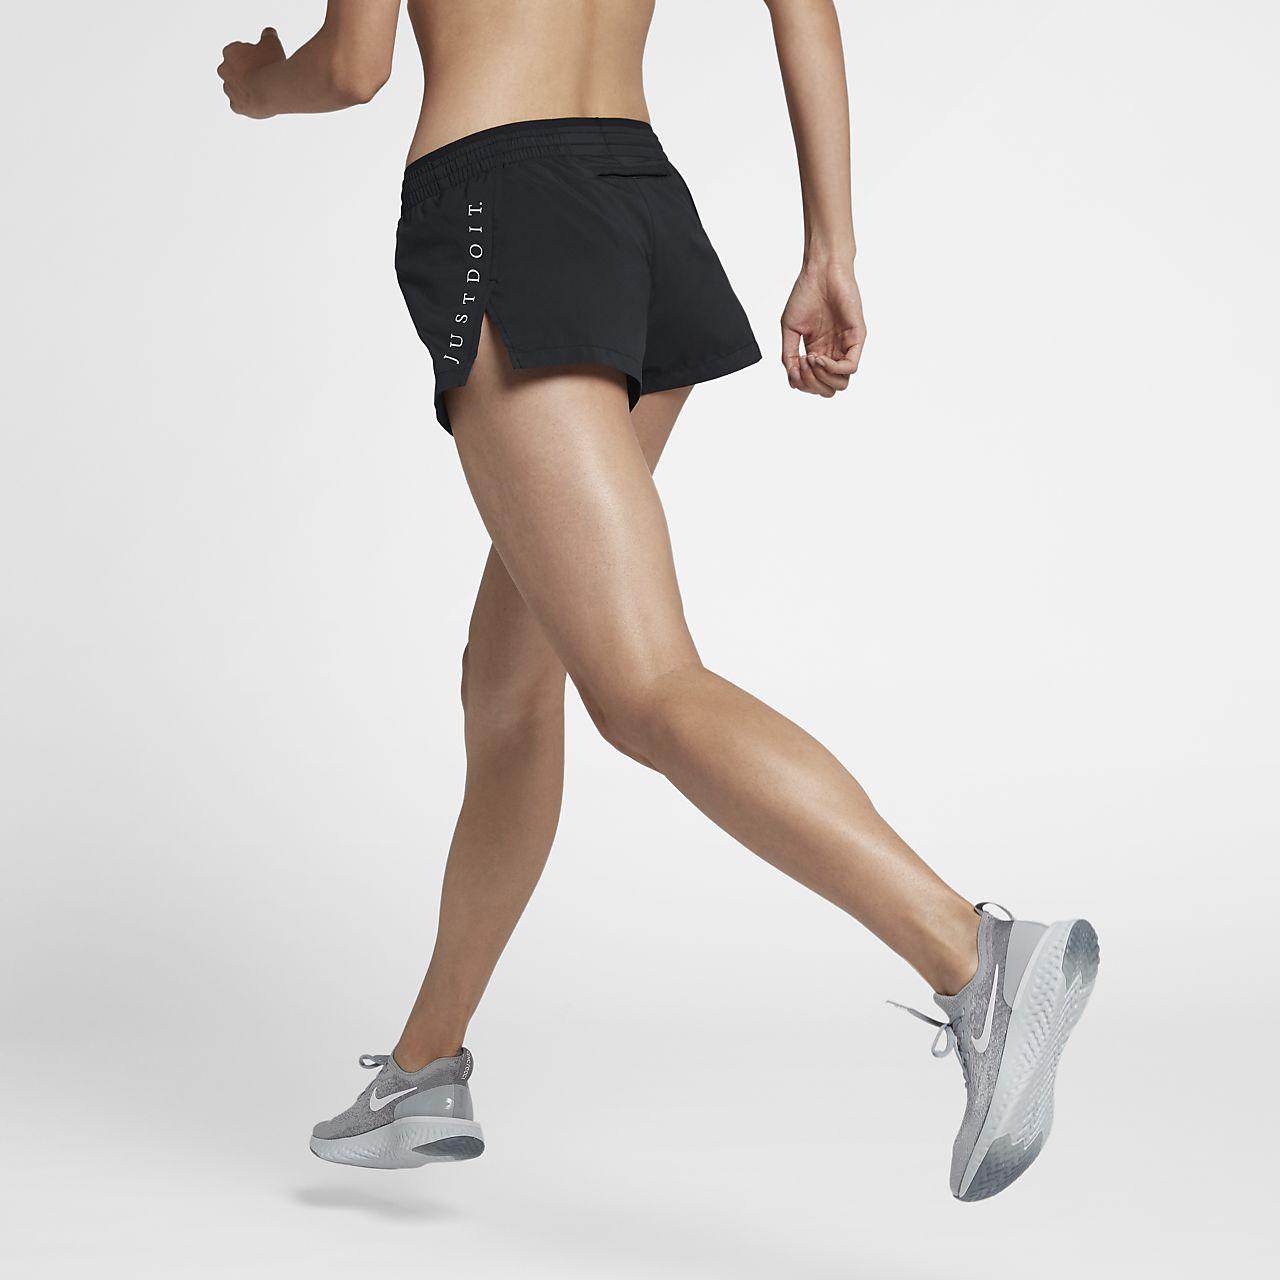 กางเกงวิ่งขาสั้นผู้หญิง Nike Elevate